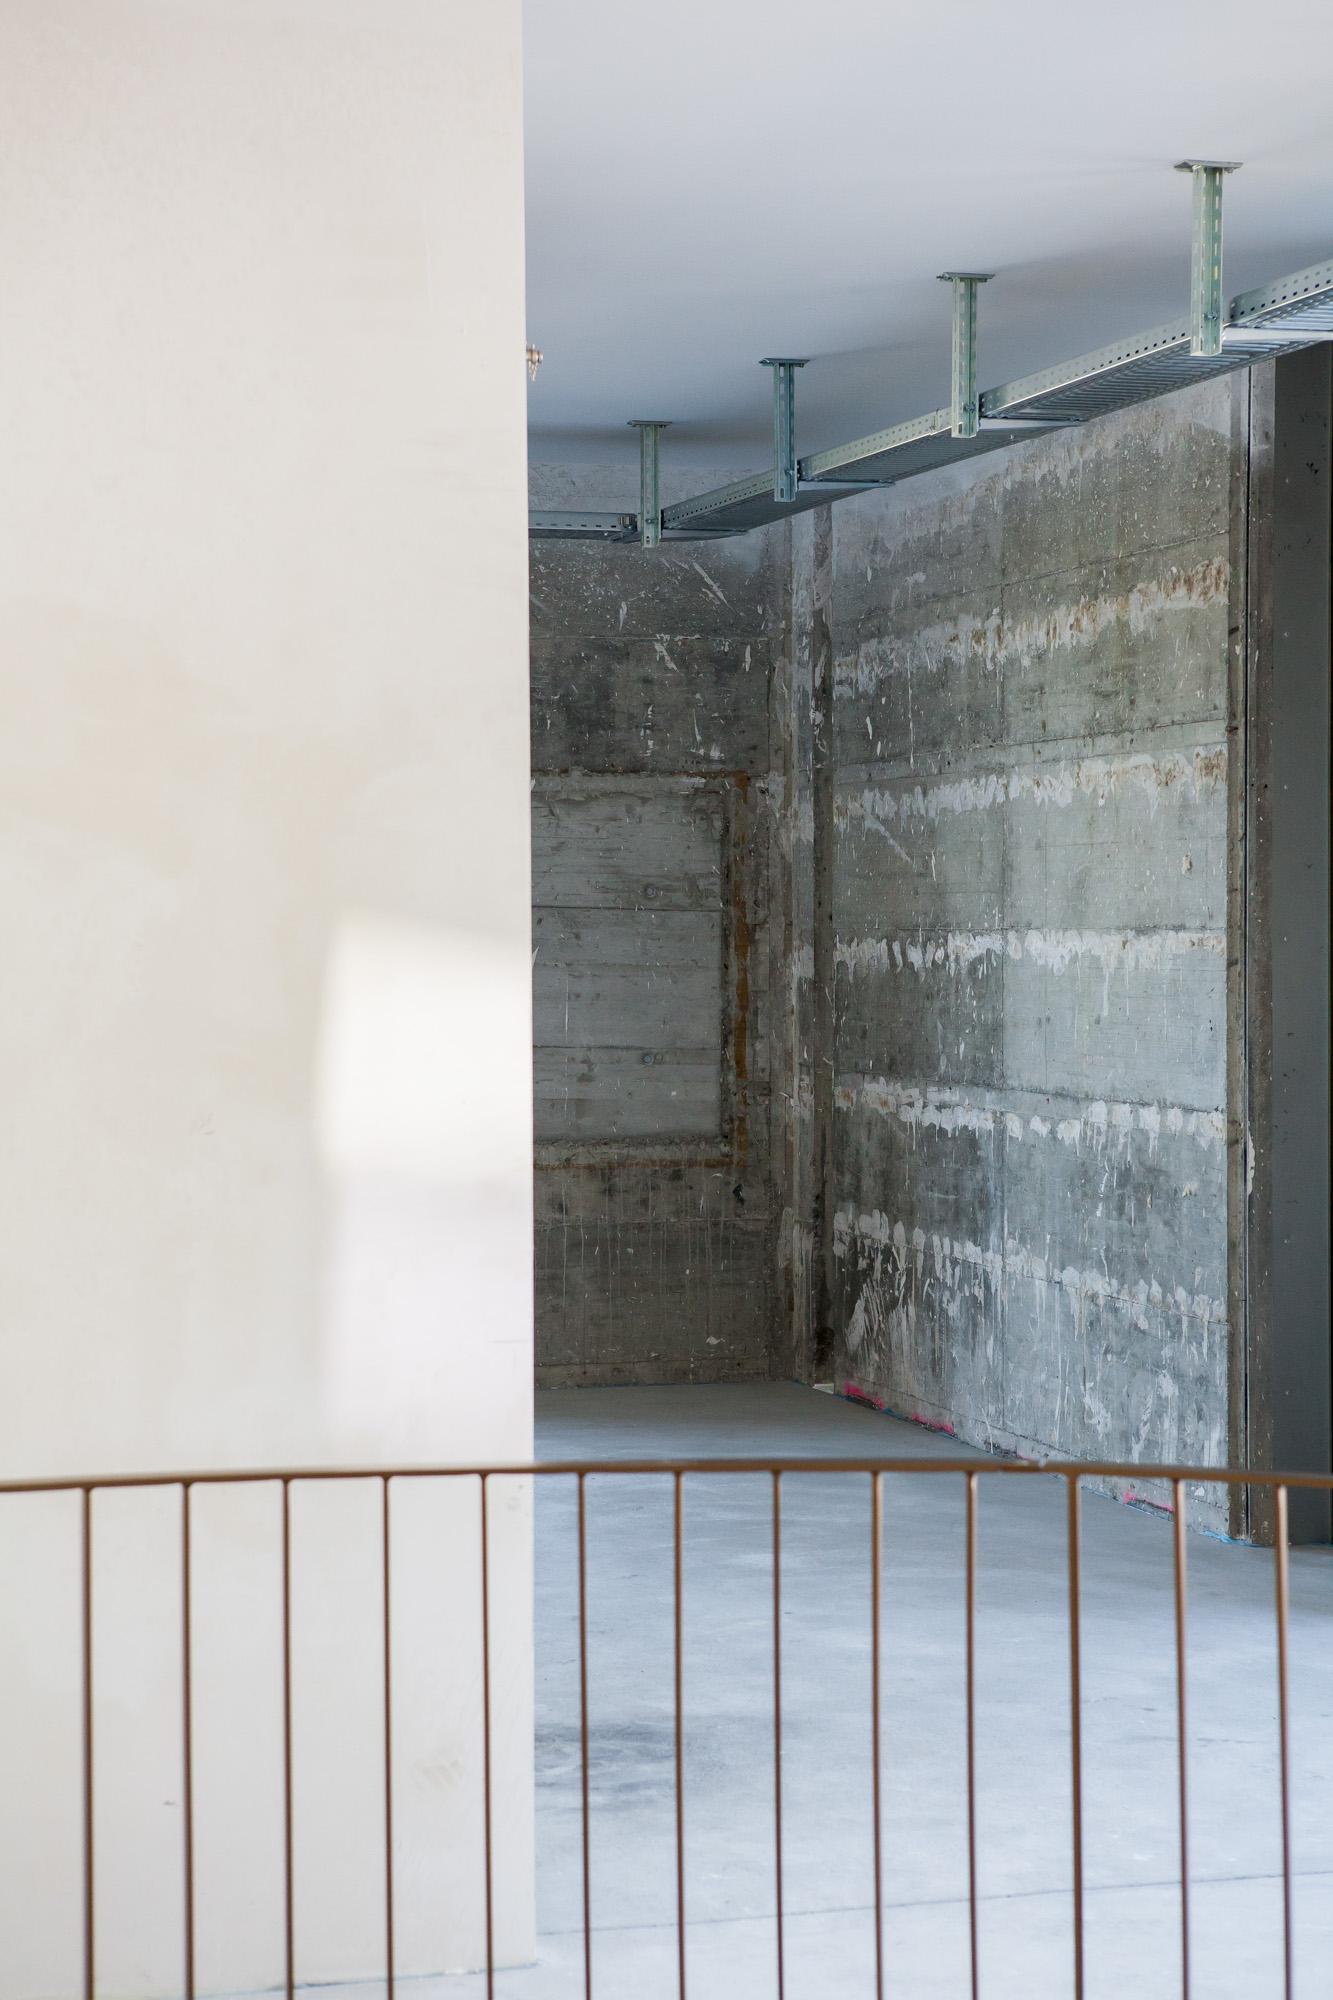 Die MerzGips AG hat bei der Gesamtsanierung des Gebäudes an der Freiburgstrasse in Niederwangen sowohl den Rohbau ausgeführt, wie auch Gipserarbeiten abgeschlossen.